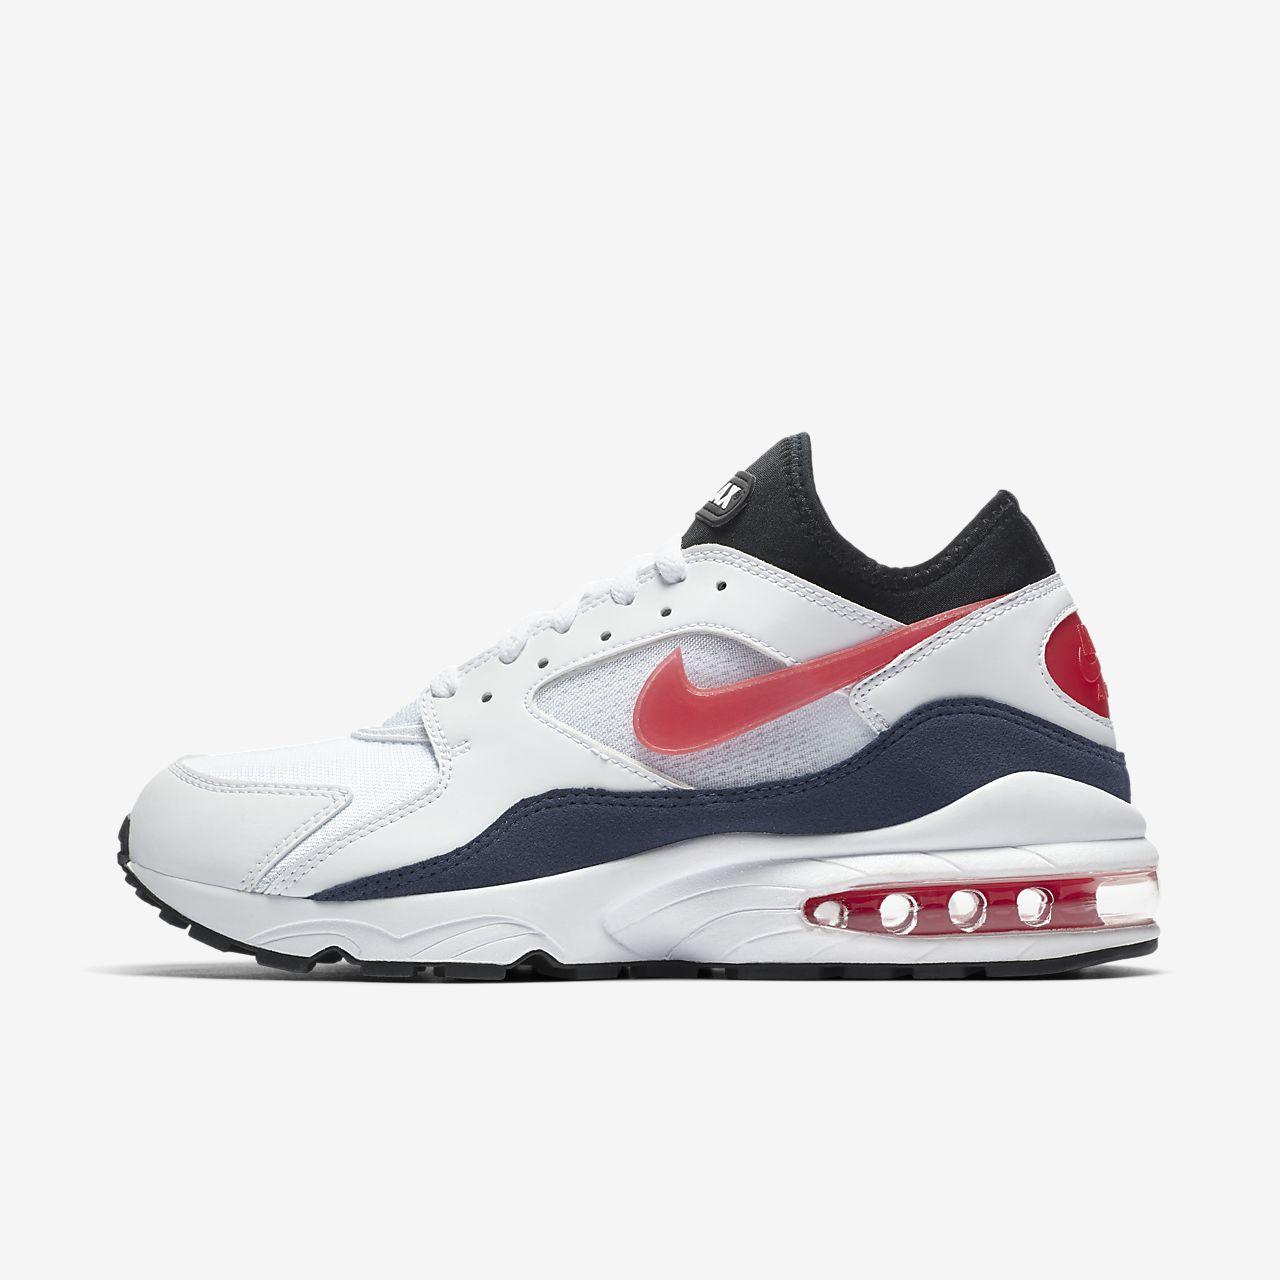 scarpe nike air max ultimo modello